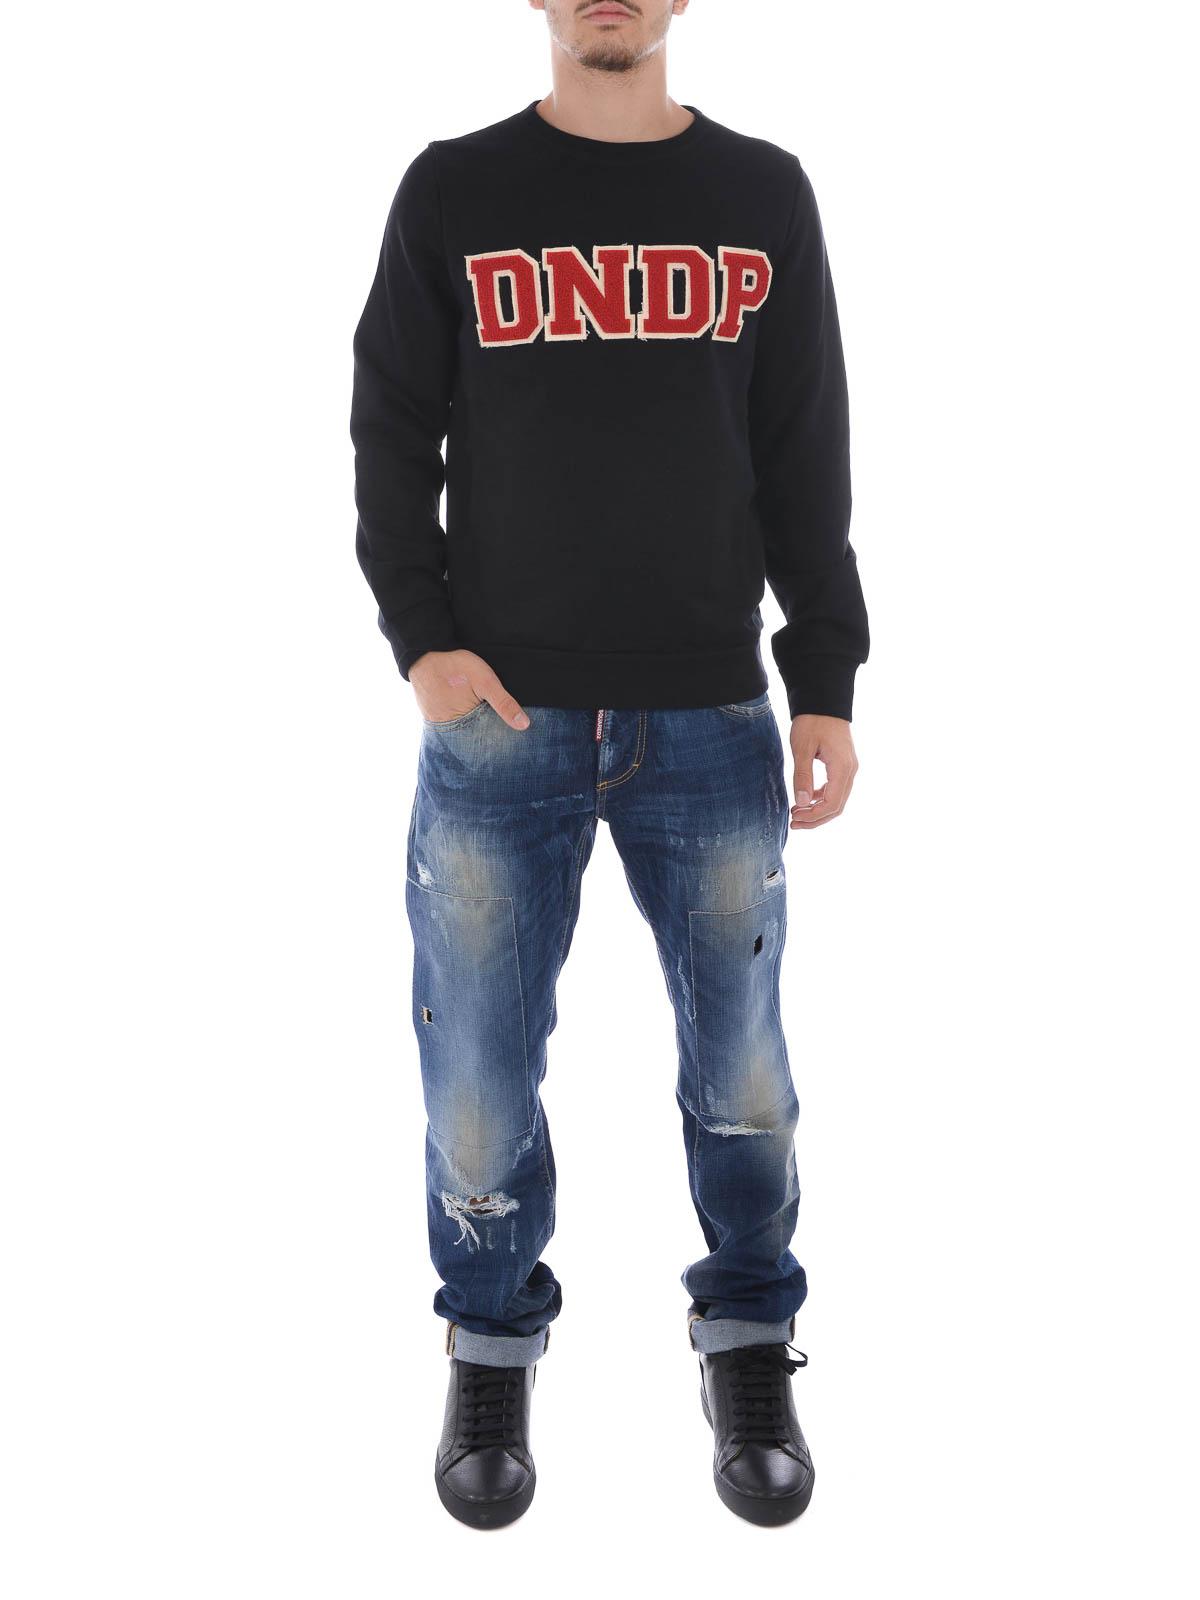 999 Logo E Dondup Felpa Maglie Applicato Con Kf136u Felpe F482 1q1zrEwU7